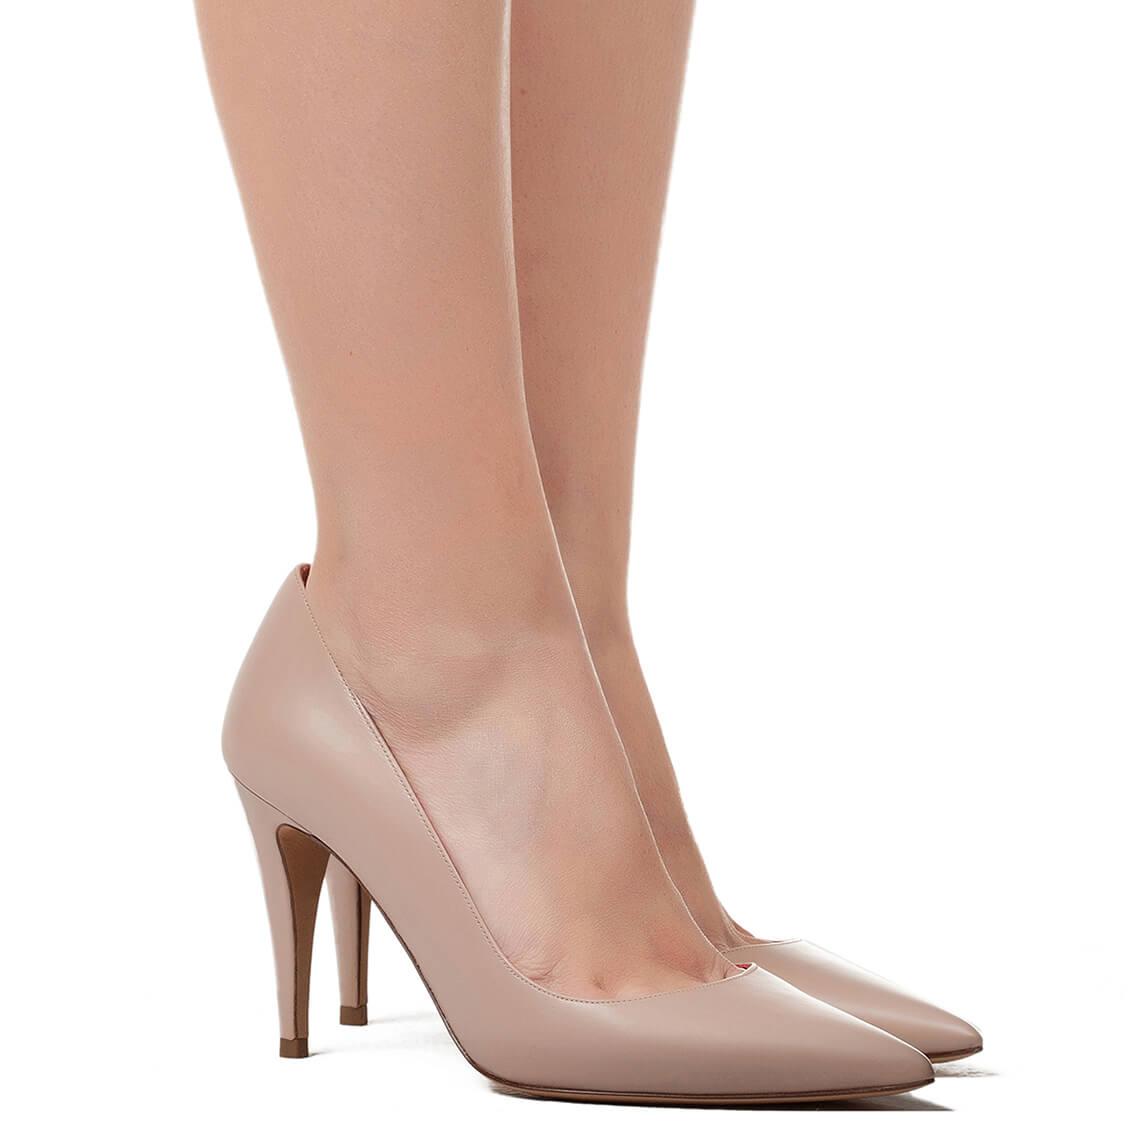 zapatos de de nude Pura salón en López tienda Zapatos piel PURA 0axqnYdwI0 8b27c389e7388